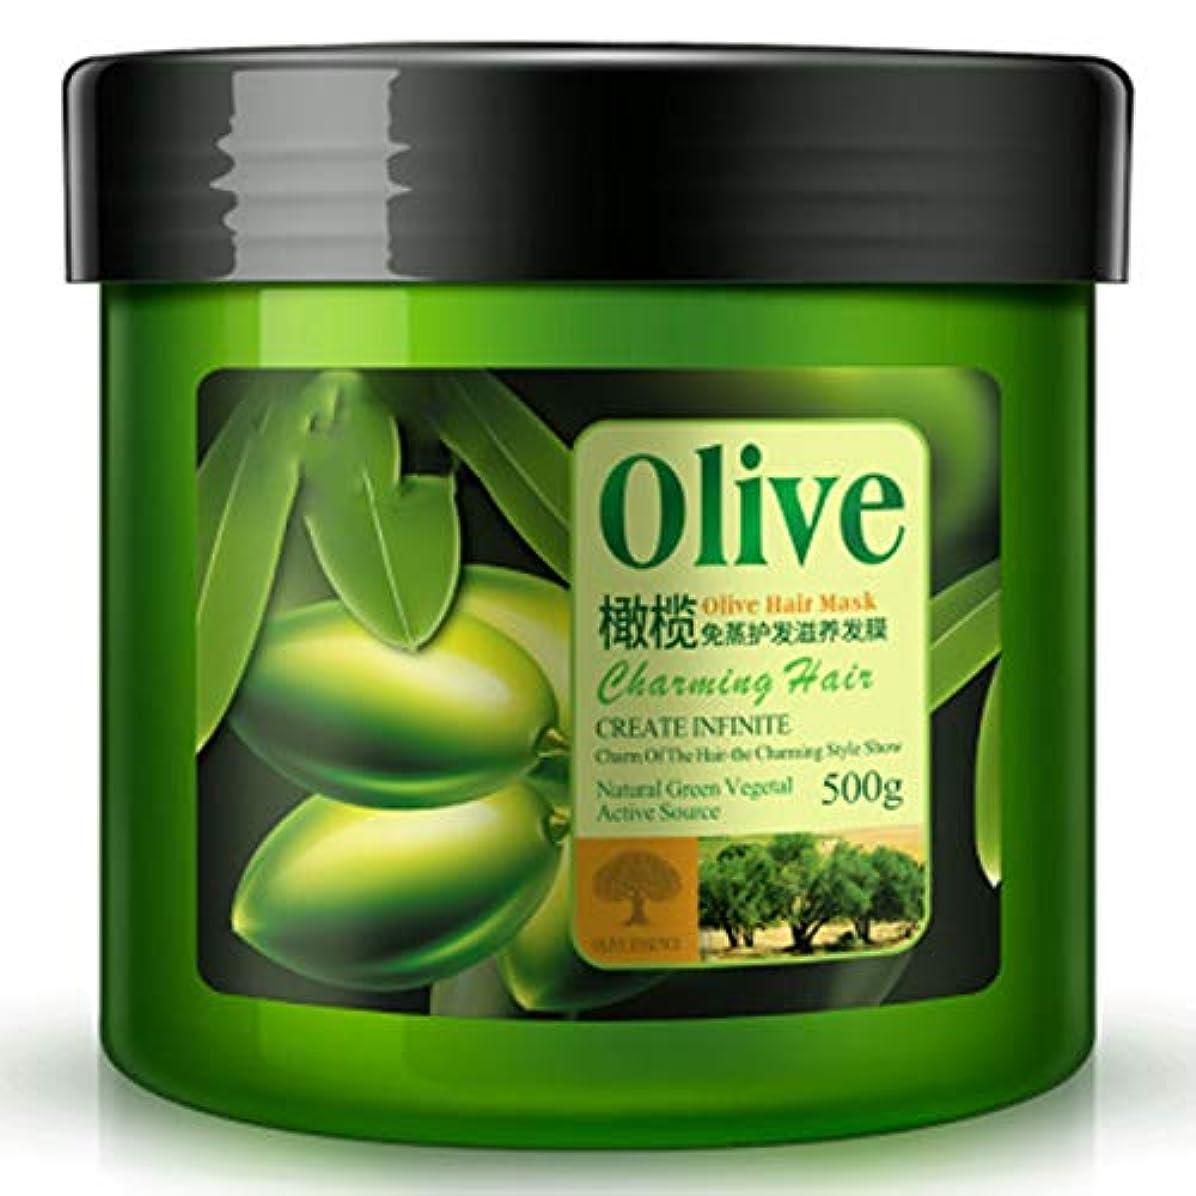 要求する豊富に煙MsJT Oliveオリーブ無蒸しケア栄養膜 500 m,オリーブ発膜トリートメントうるおい深層修復髪分裂乾燥新生